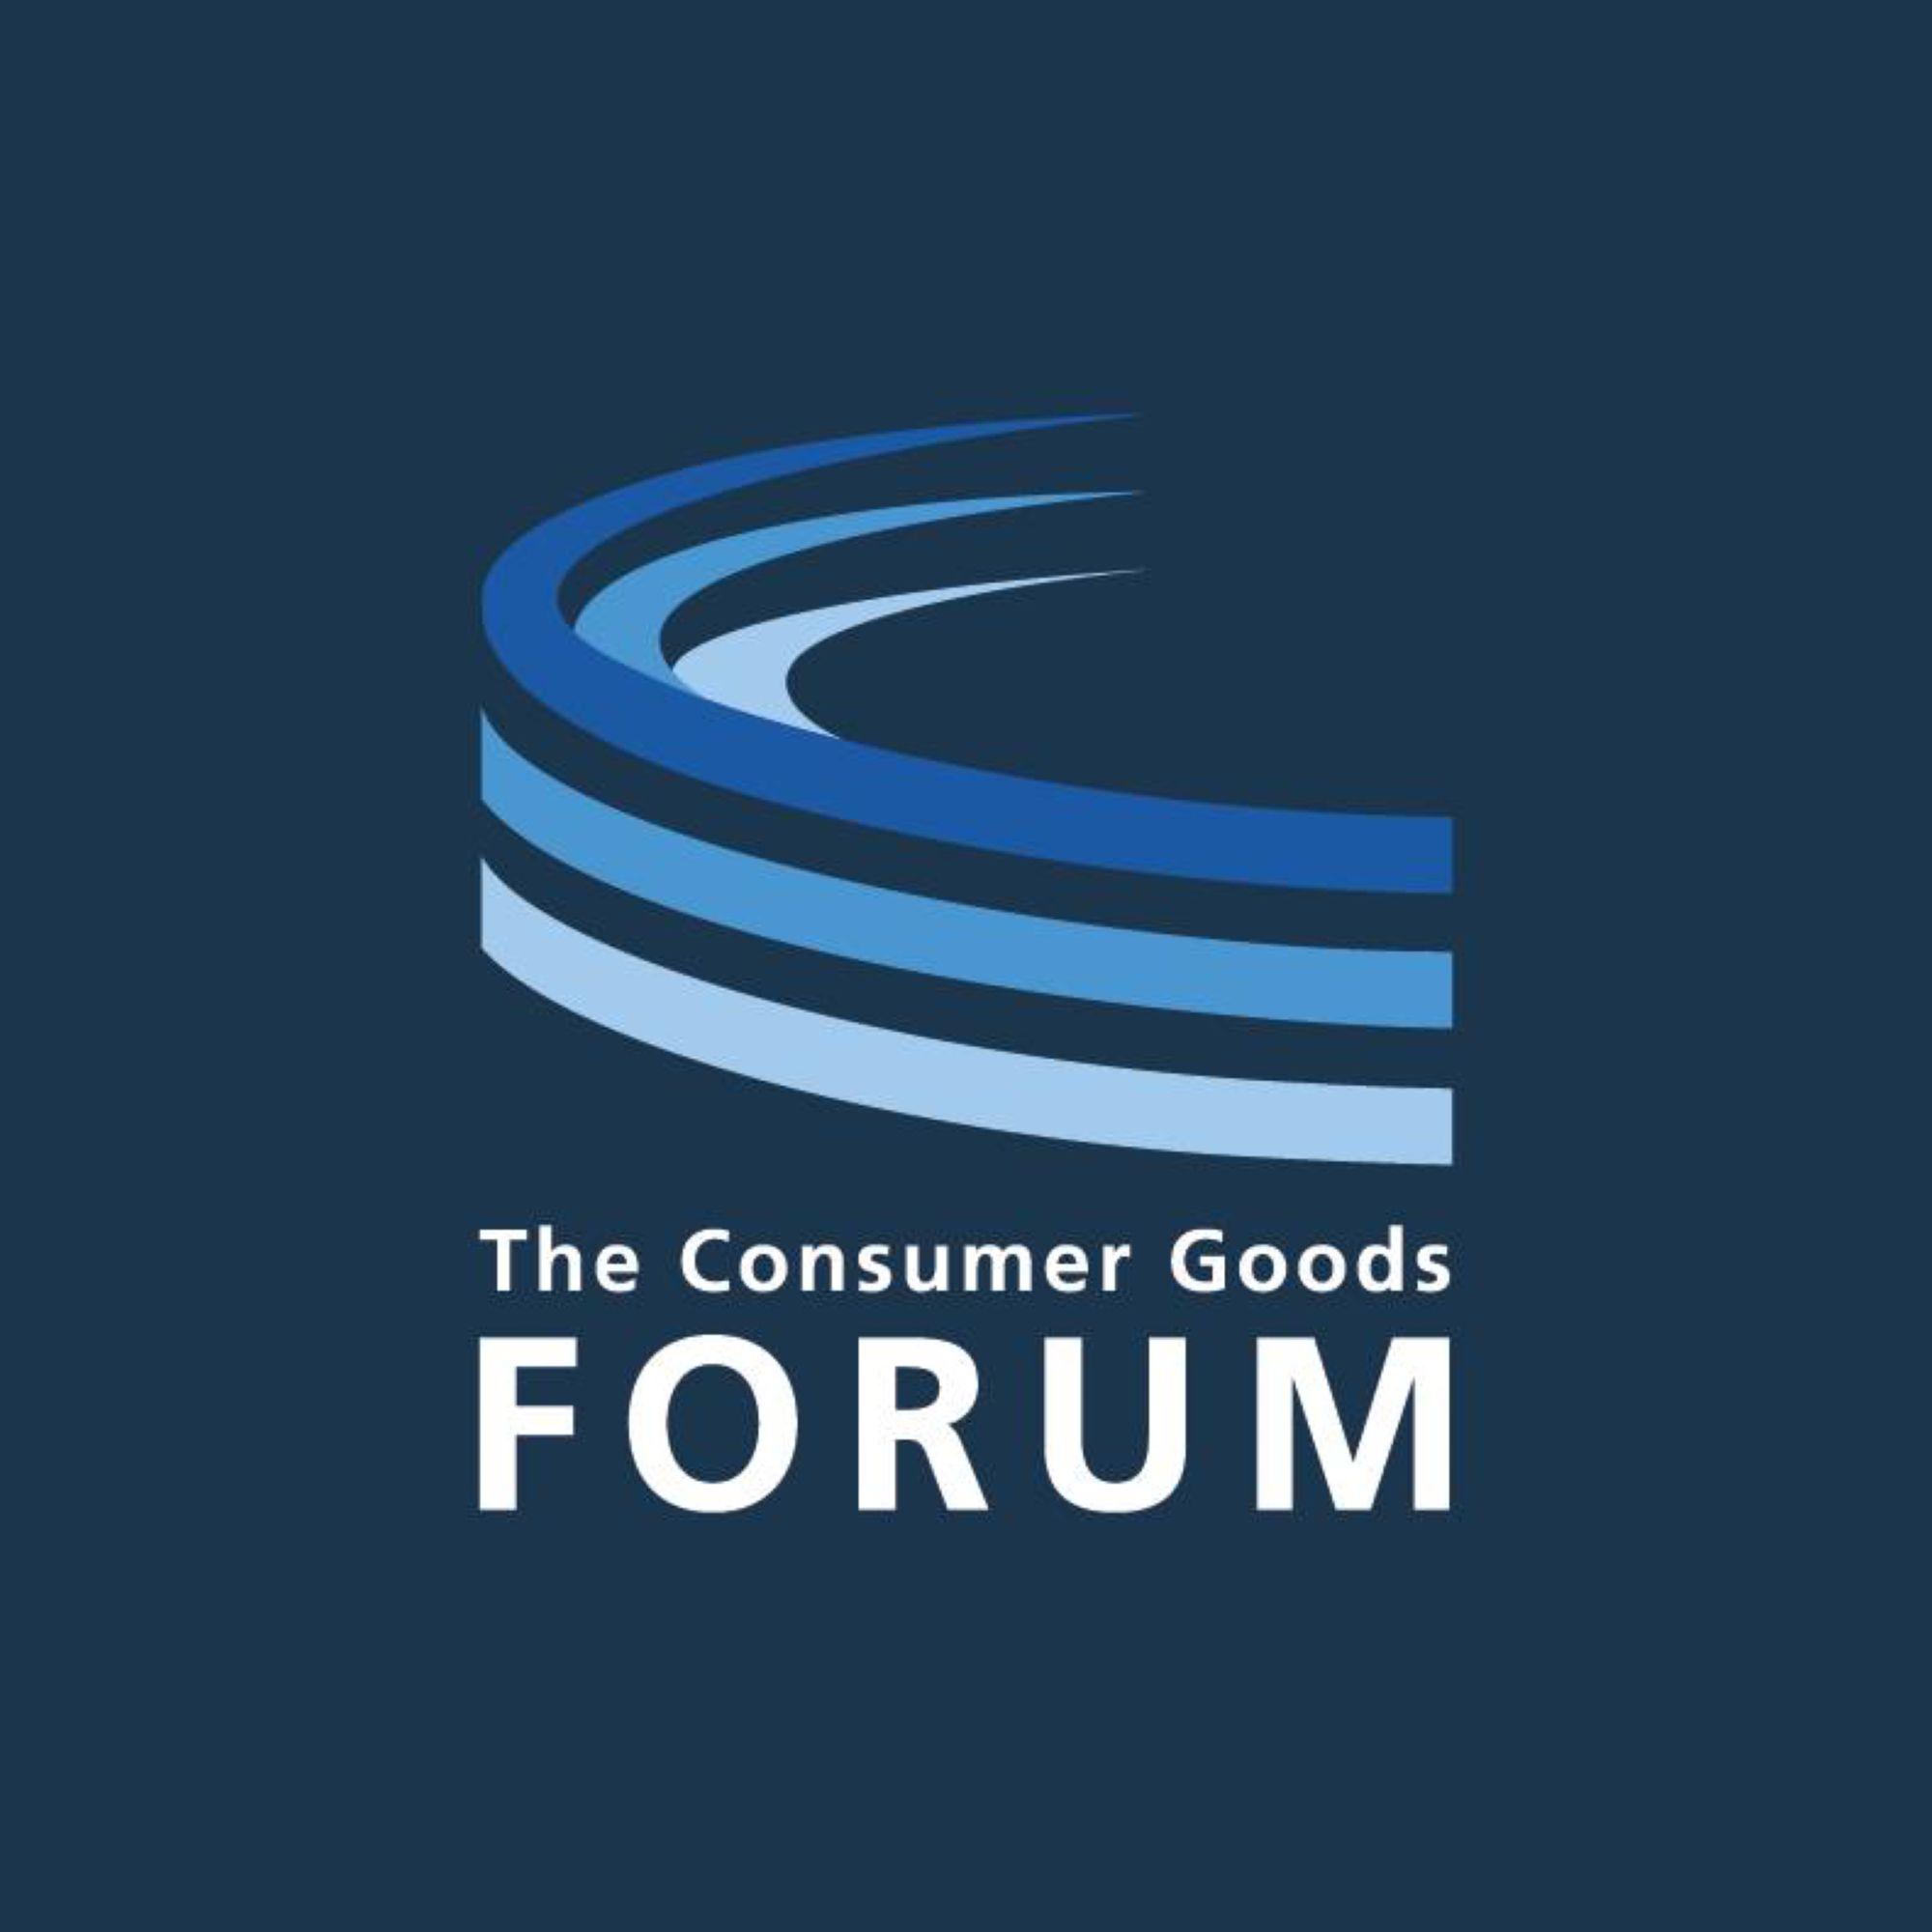 CGF中国日是消费品论坛的年度盛会